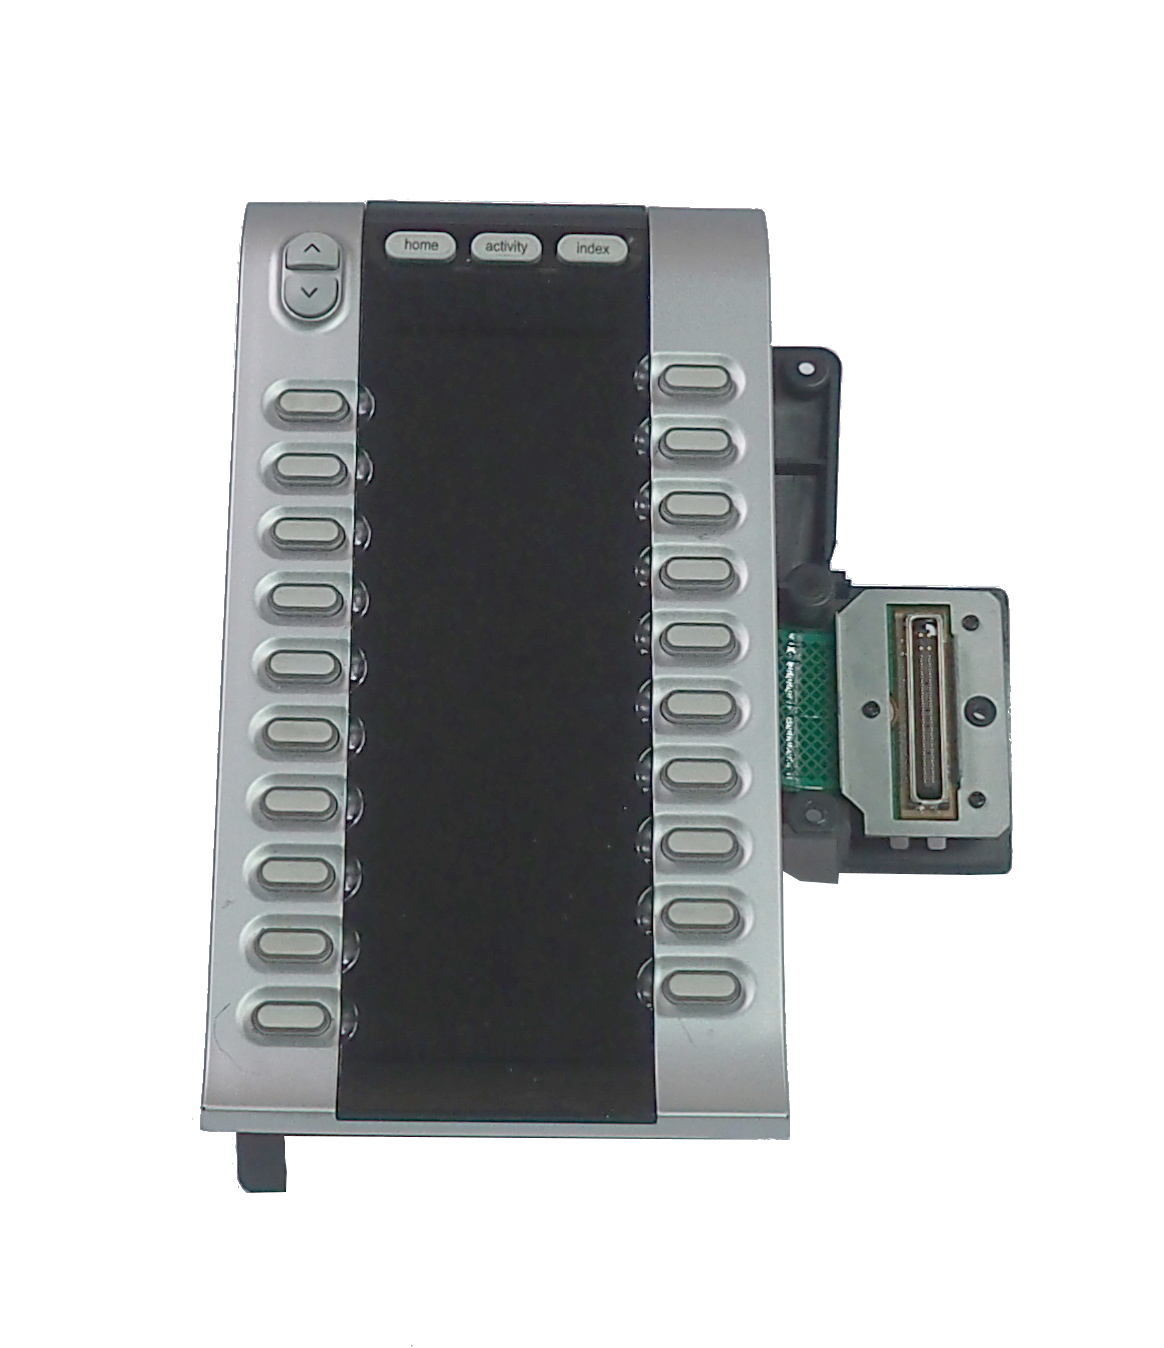 BT SRA487 ITS.Netrix LM20 20 Line Key Expansion Module